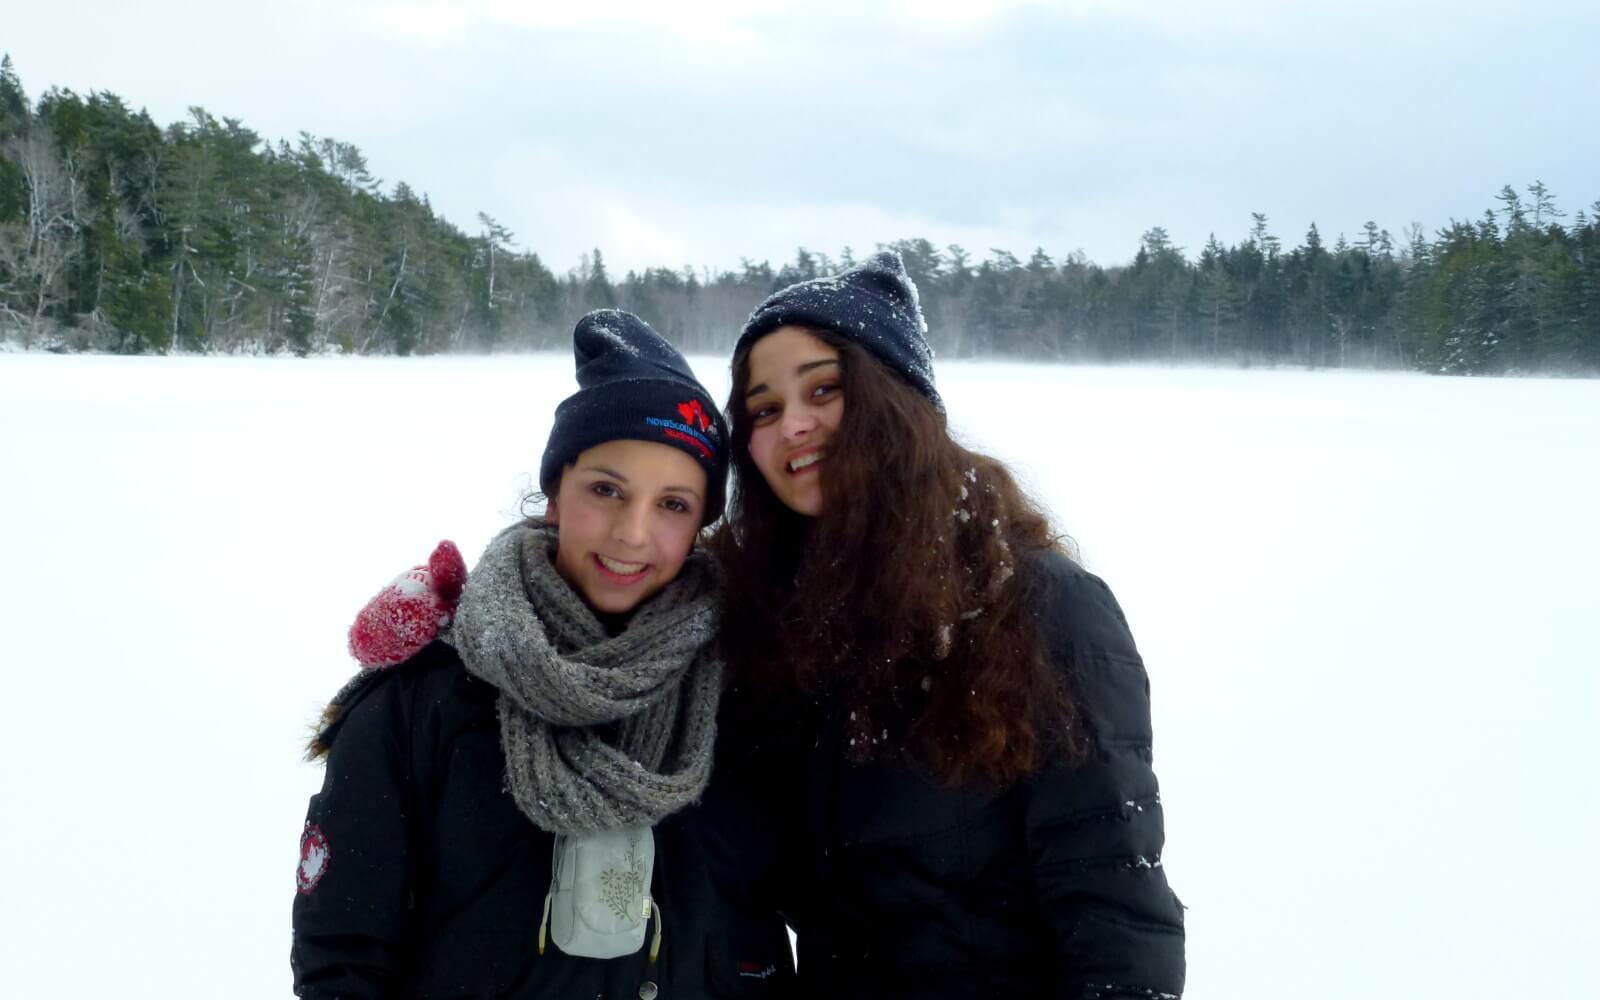 Laura mit einer Freundin vor einer Schneelandschaft